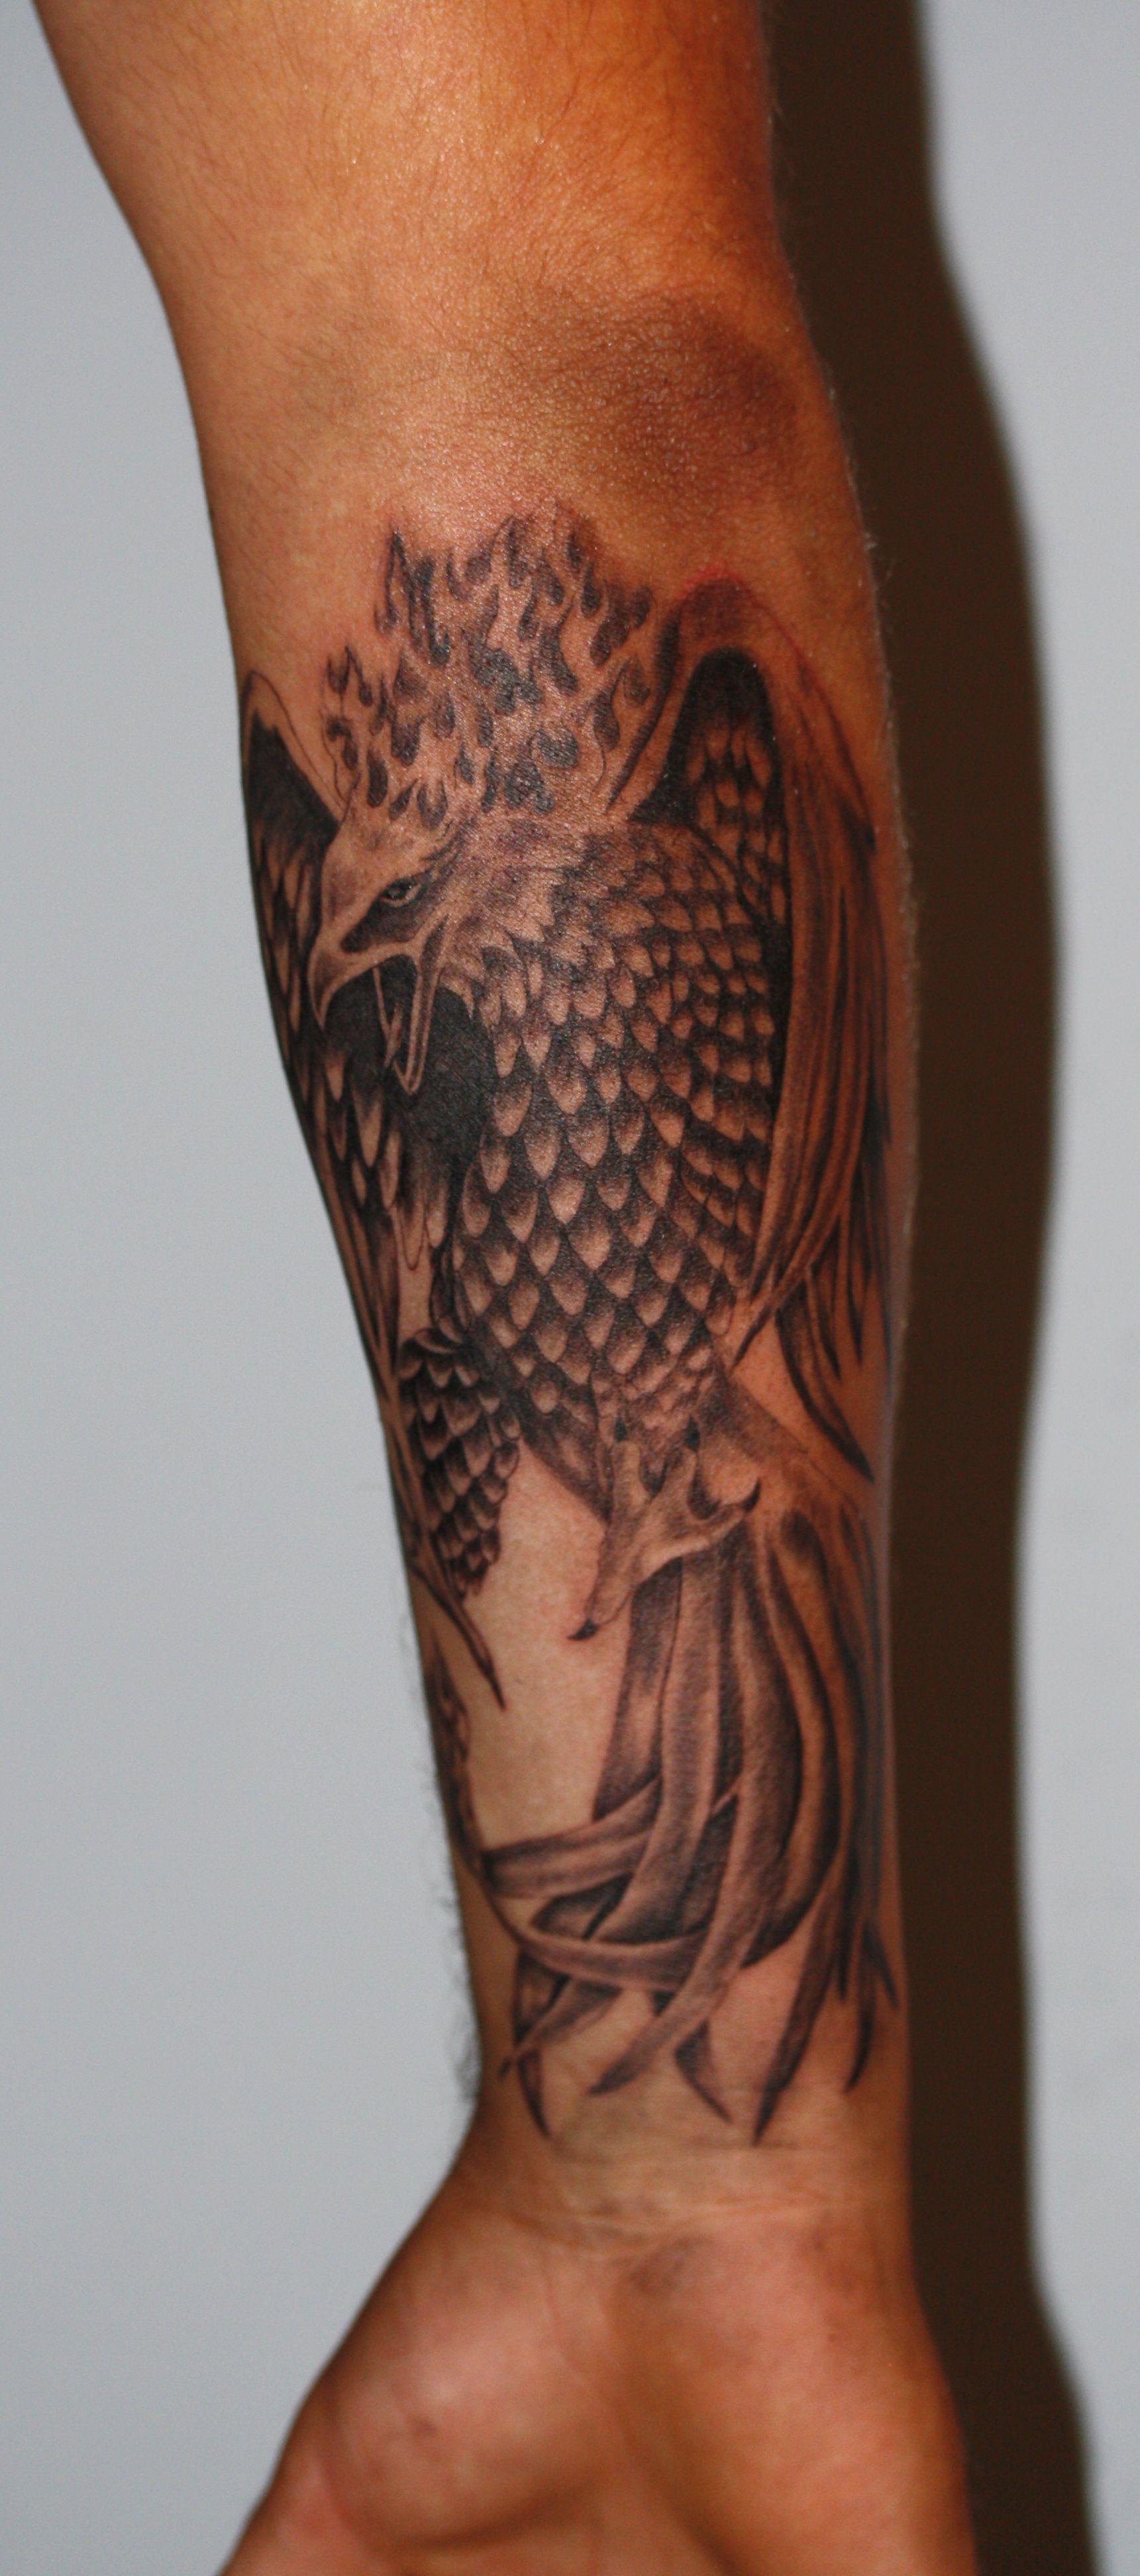 Tatuaż Fenix Wykonany Na Przedramieniu Wwwtime4tattoopl